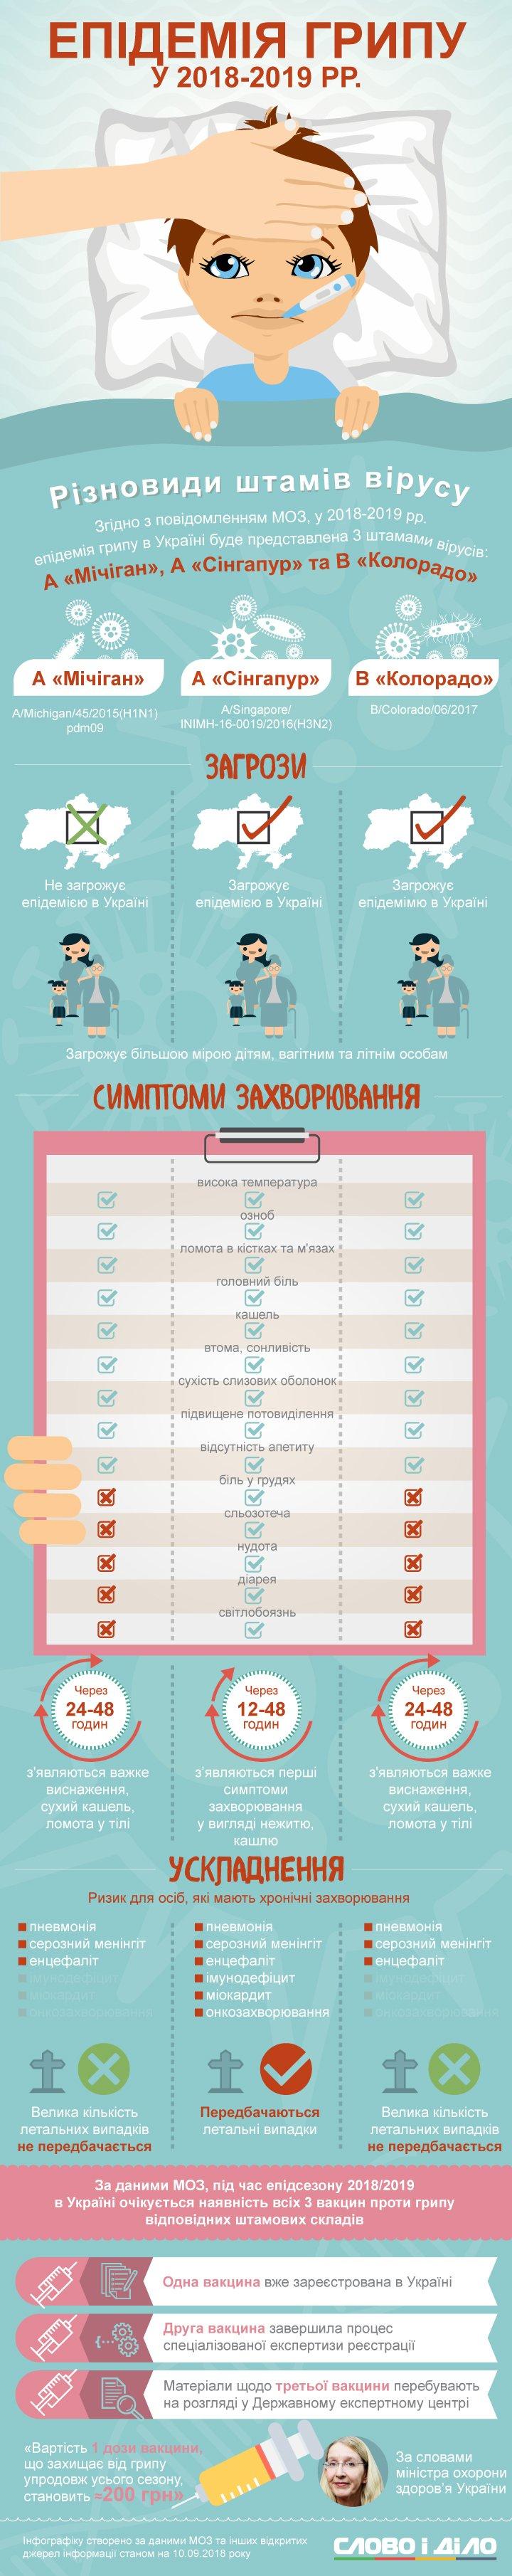 Епідемія грипу в Україні може розпочатися вже з жовтня. Цього разу українцям загрожують три штами.